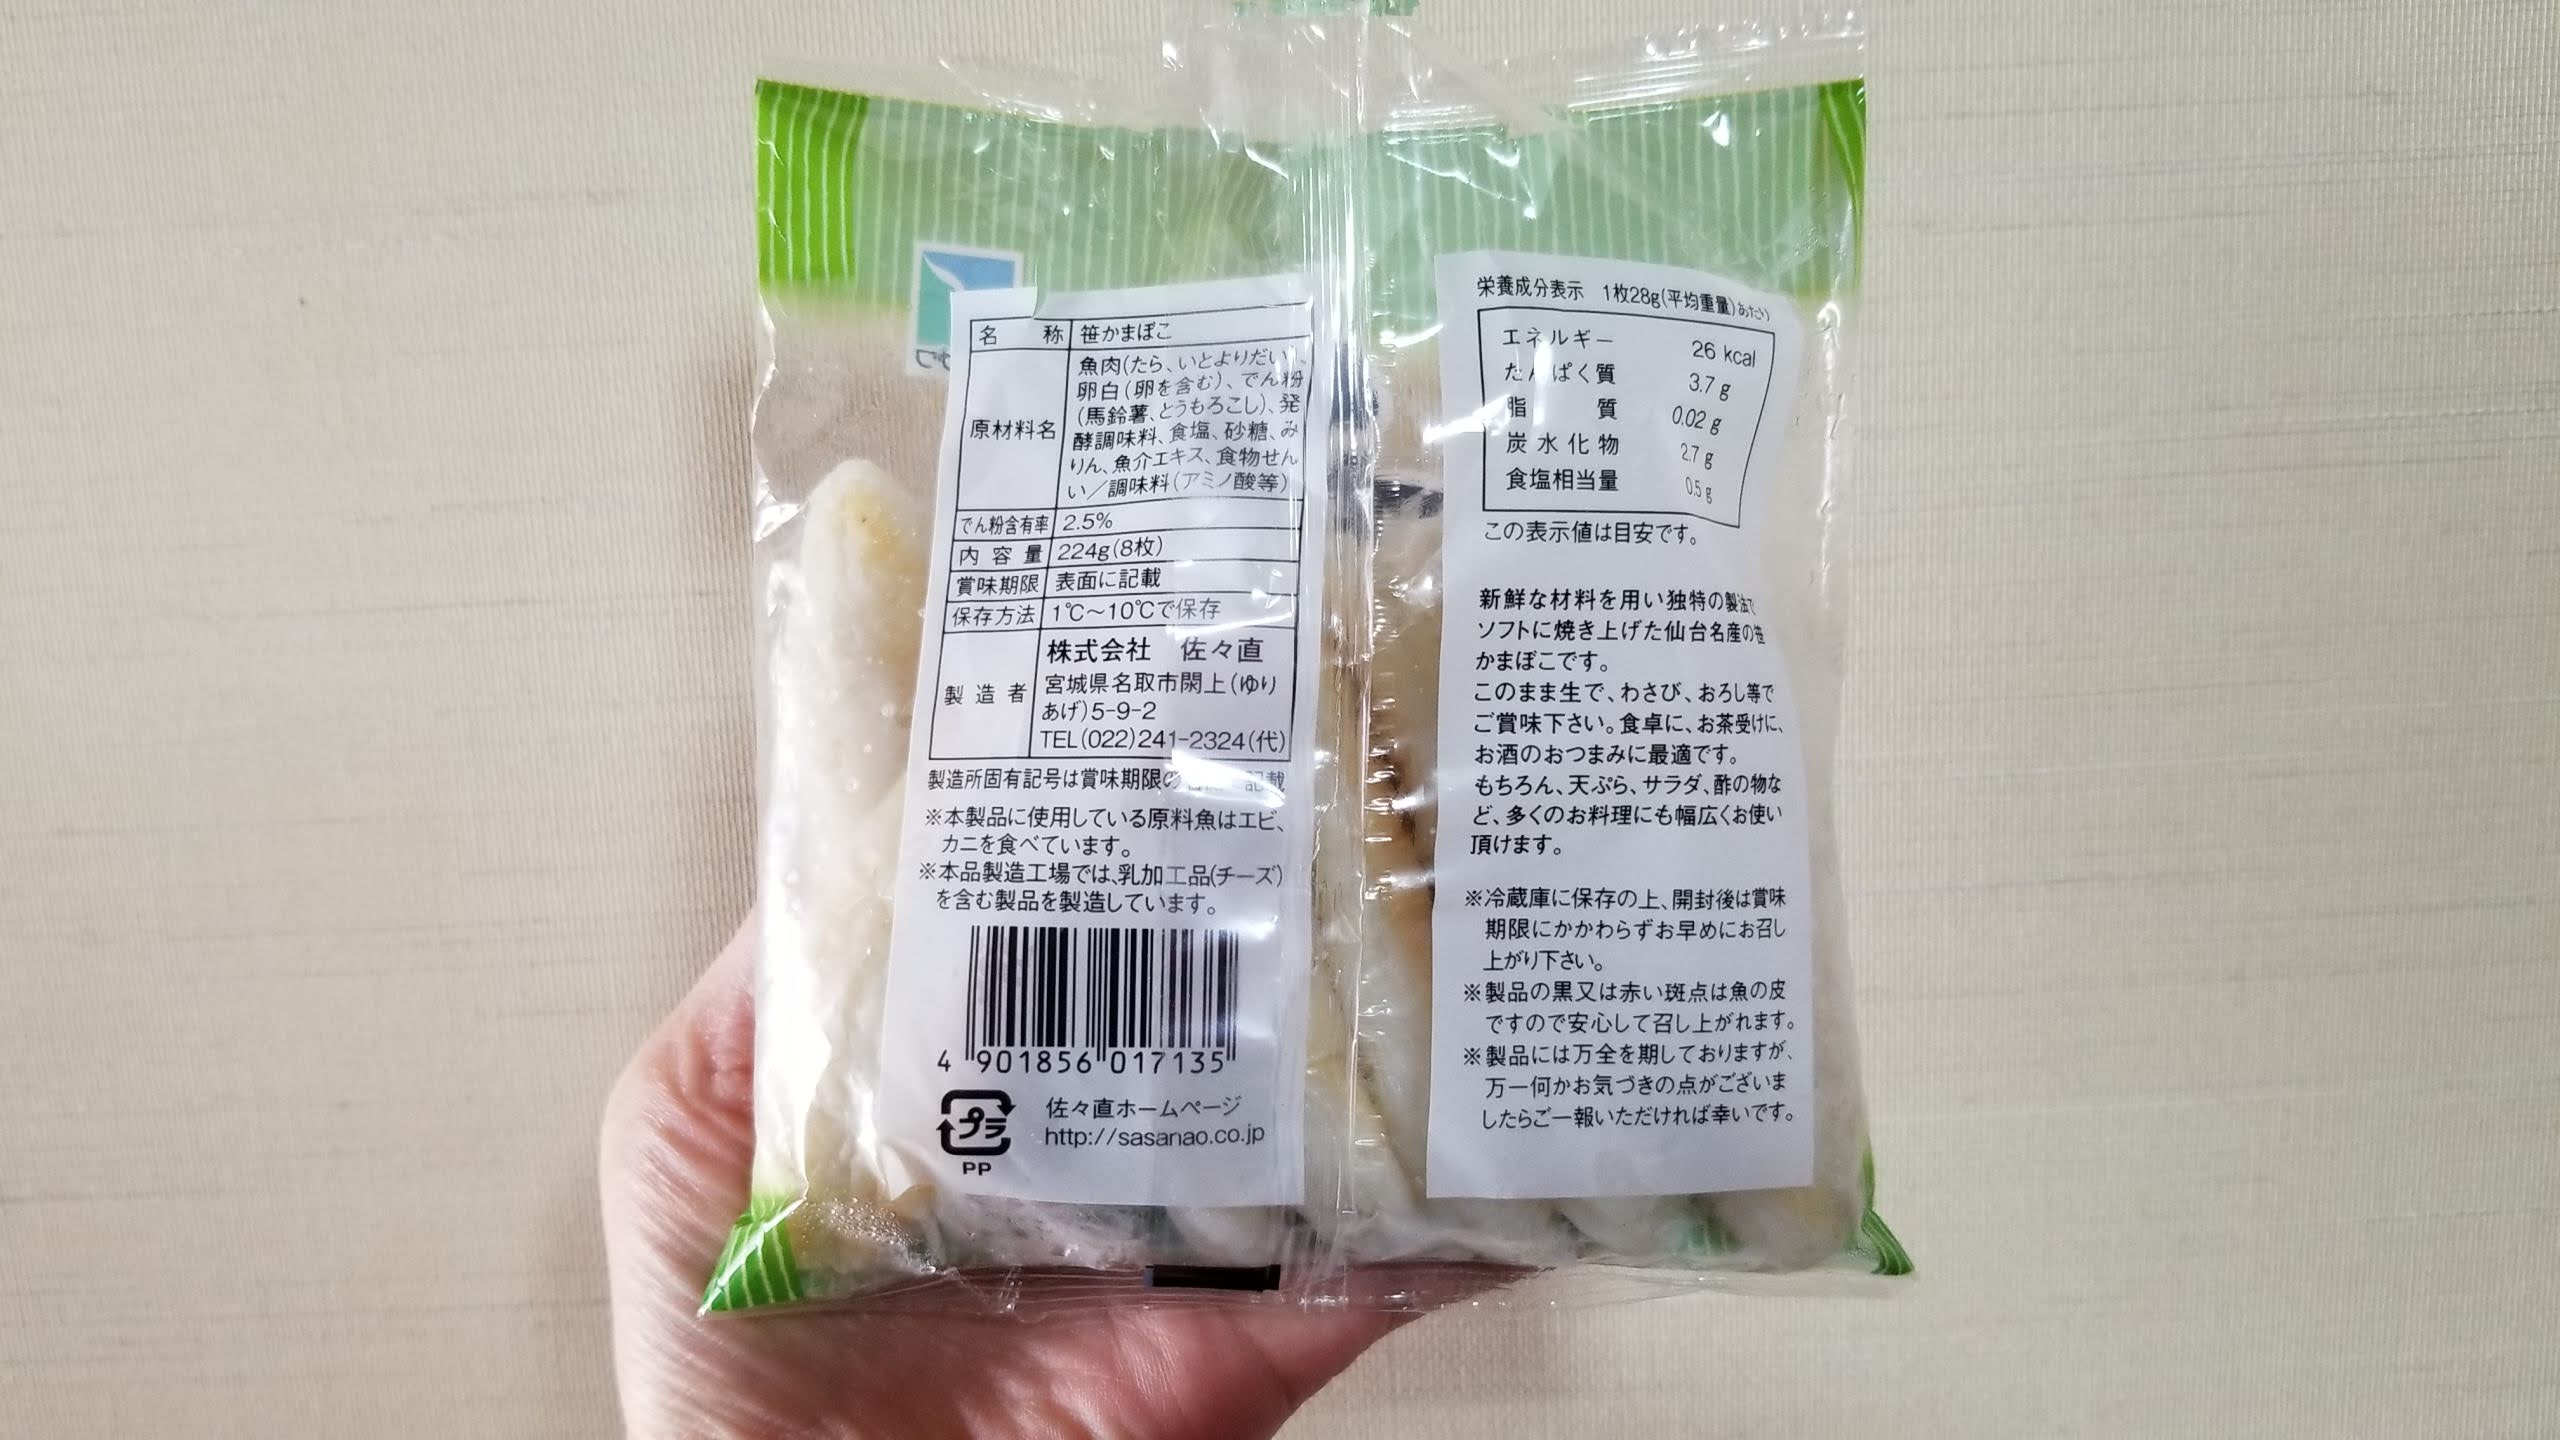 仙台名産笹かま厚焼き/ヤマザワ(佐々直)_20200604_095126